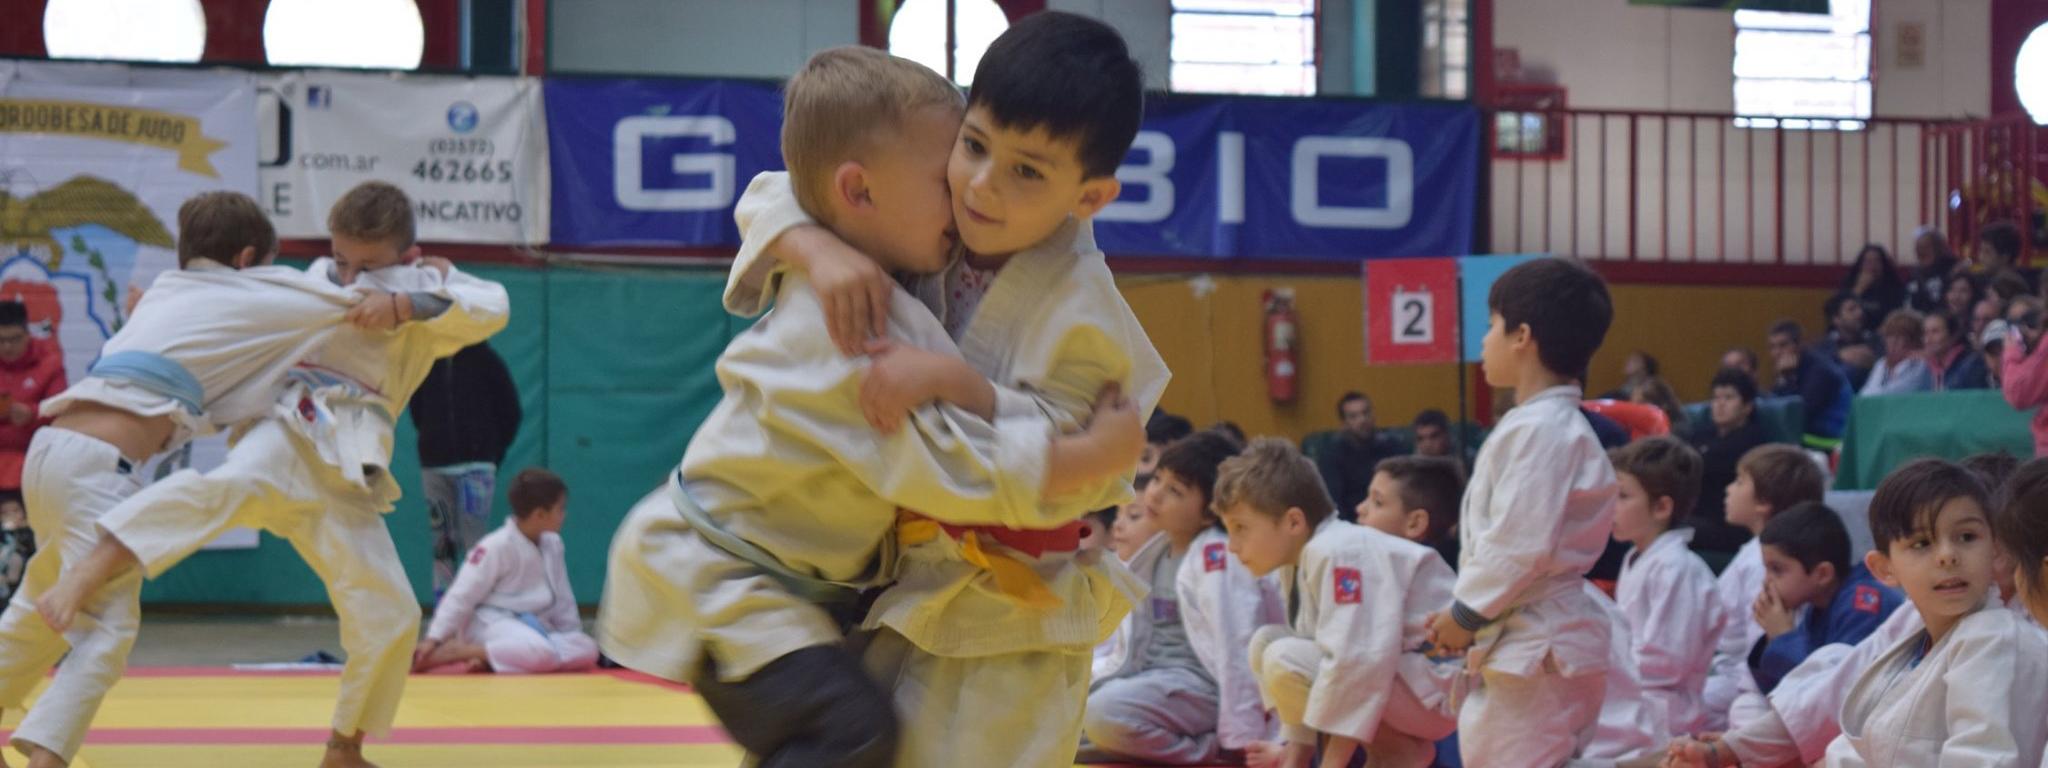 JUDO: ¿Por qué es el deporte más recomendado para la iniciación deportiva de los niños?